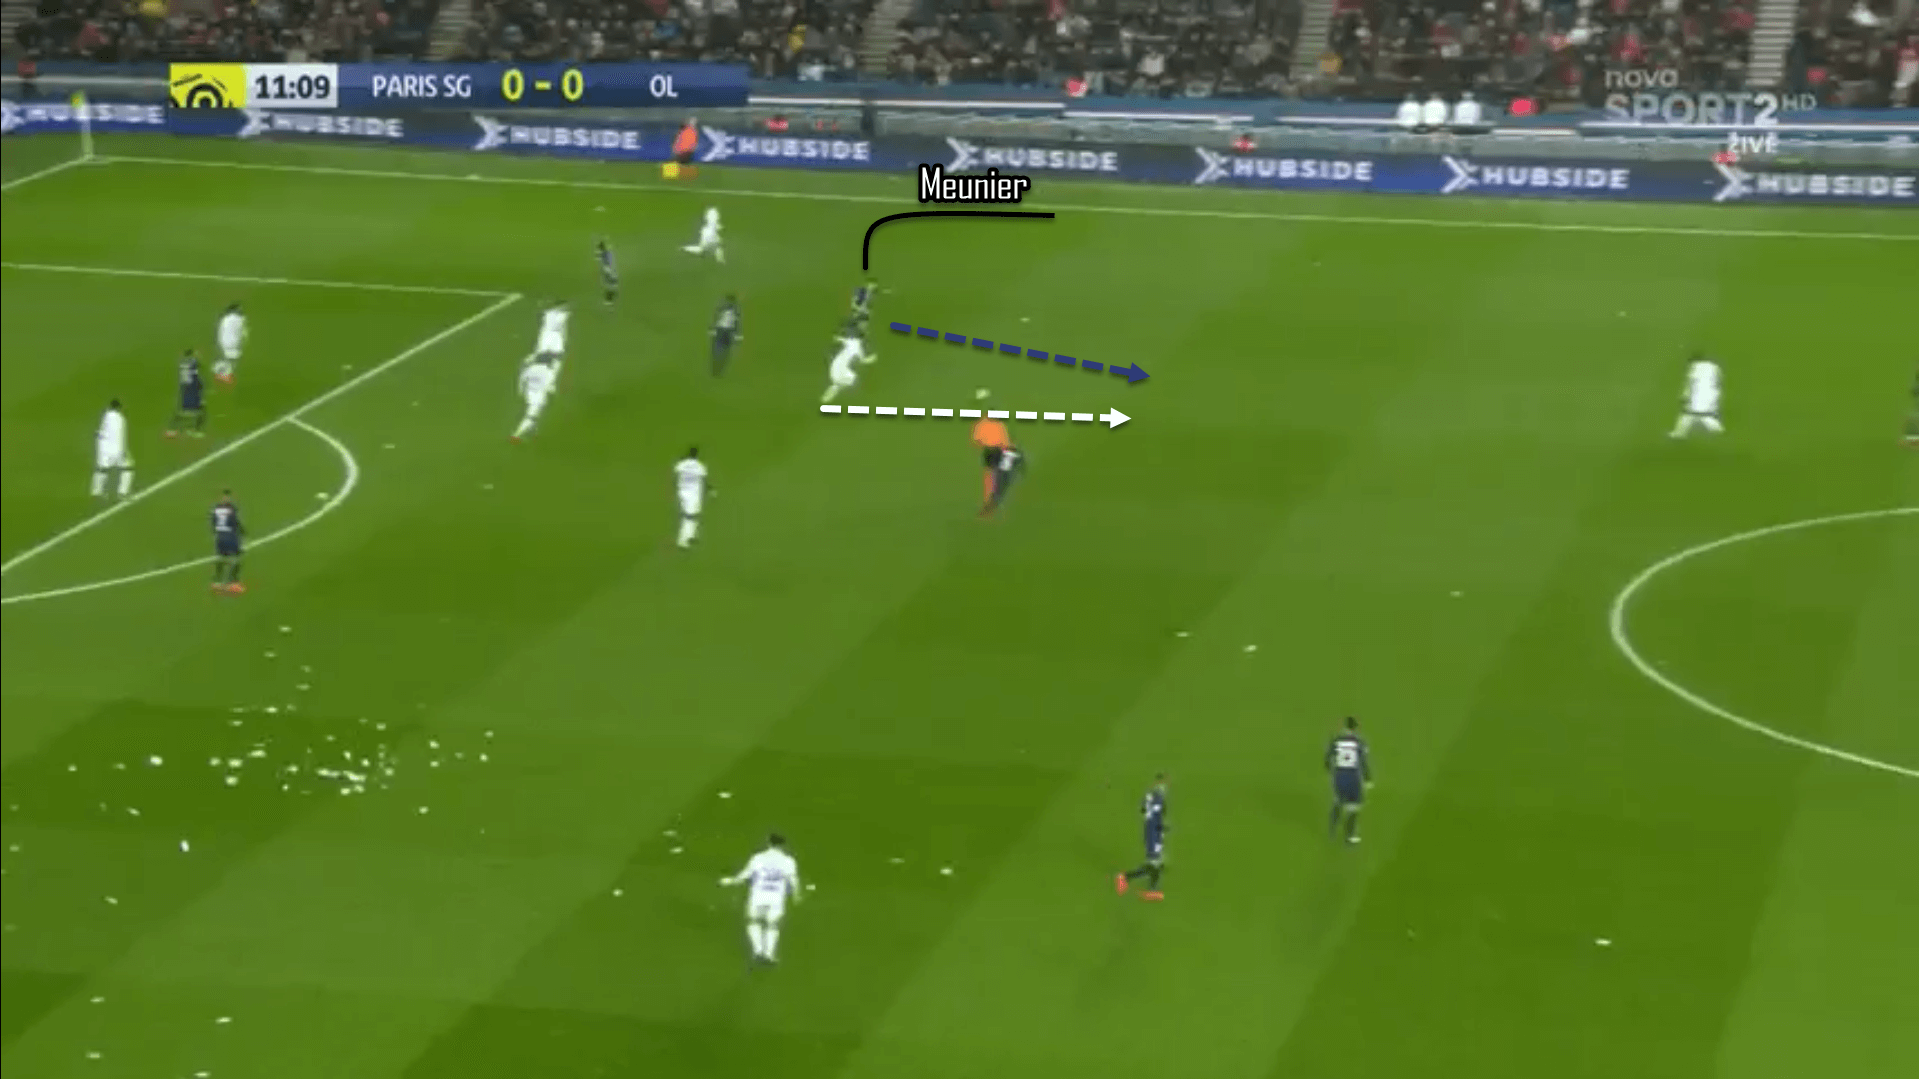 Thomas Meunier at Borussia Dortmund 2019/20 - scout report tactical analysis tactics